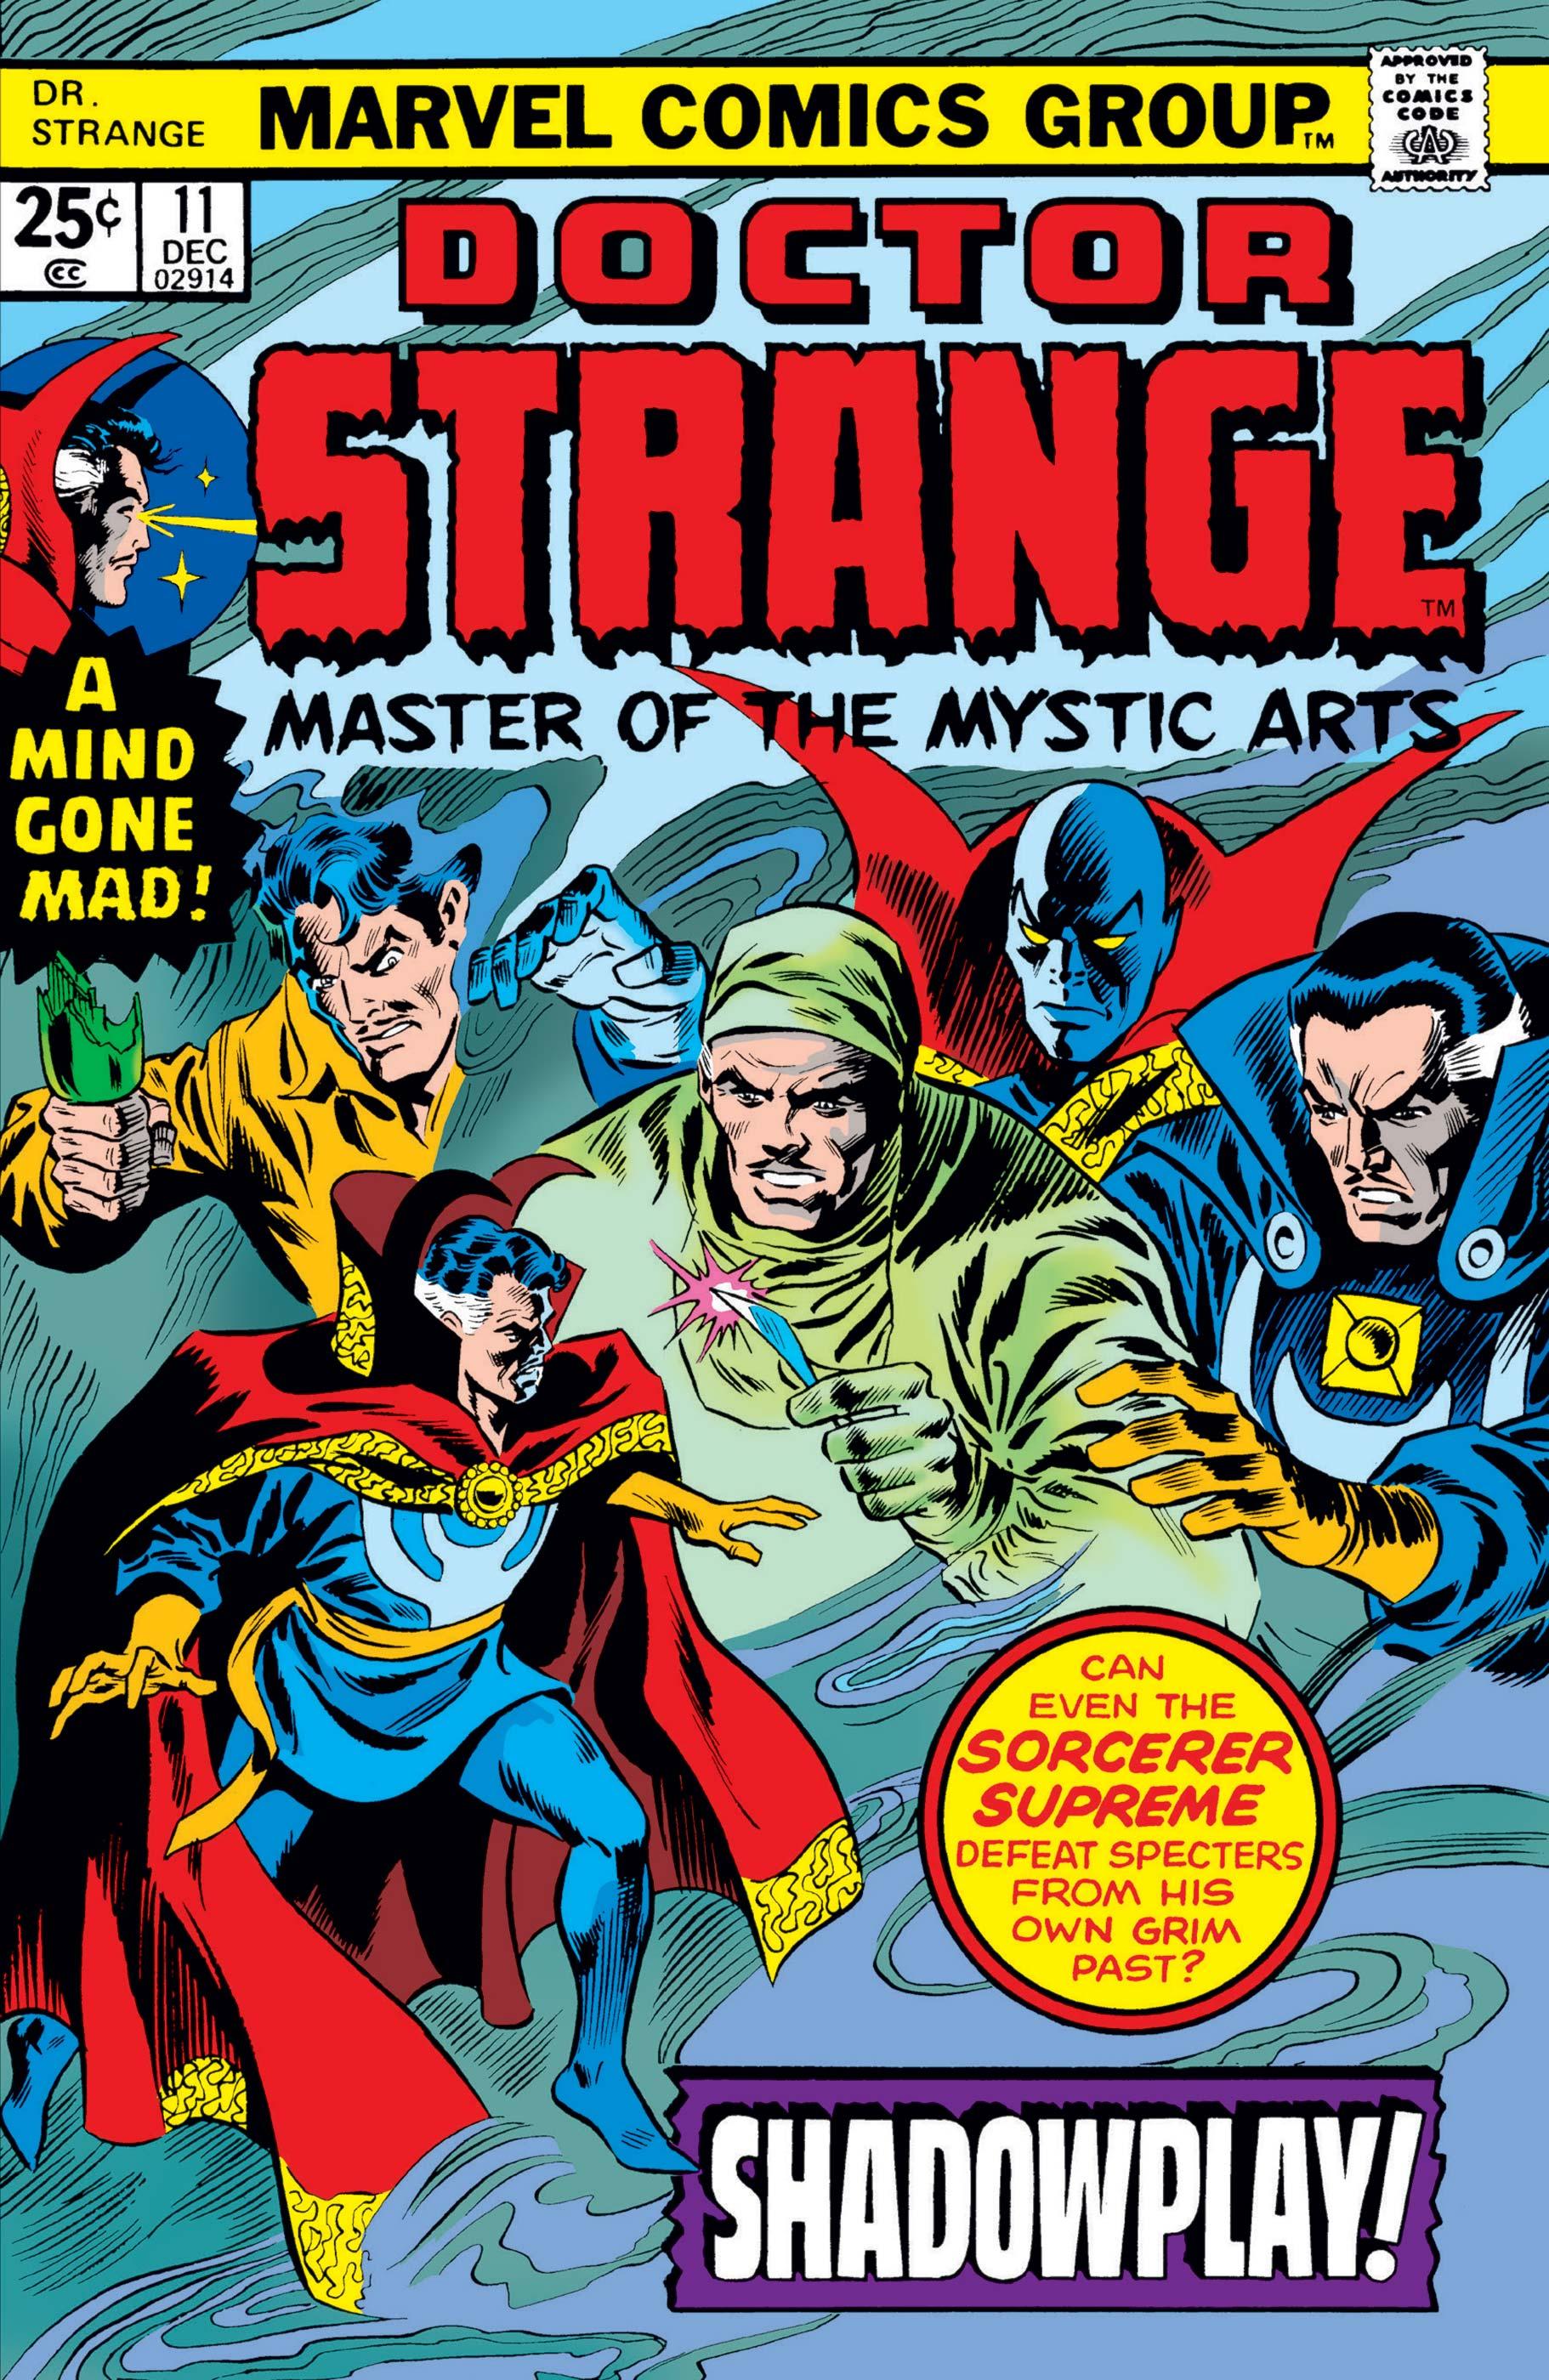 Doctor Strange (1974) #11